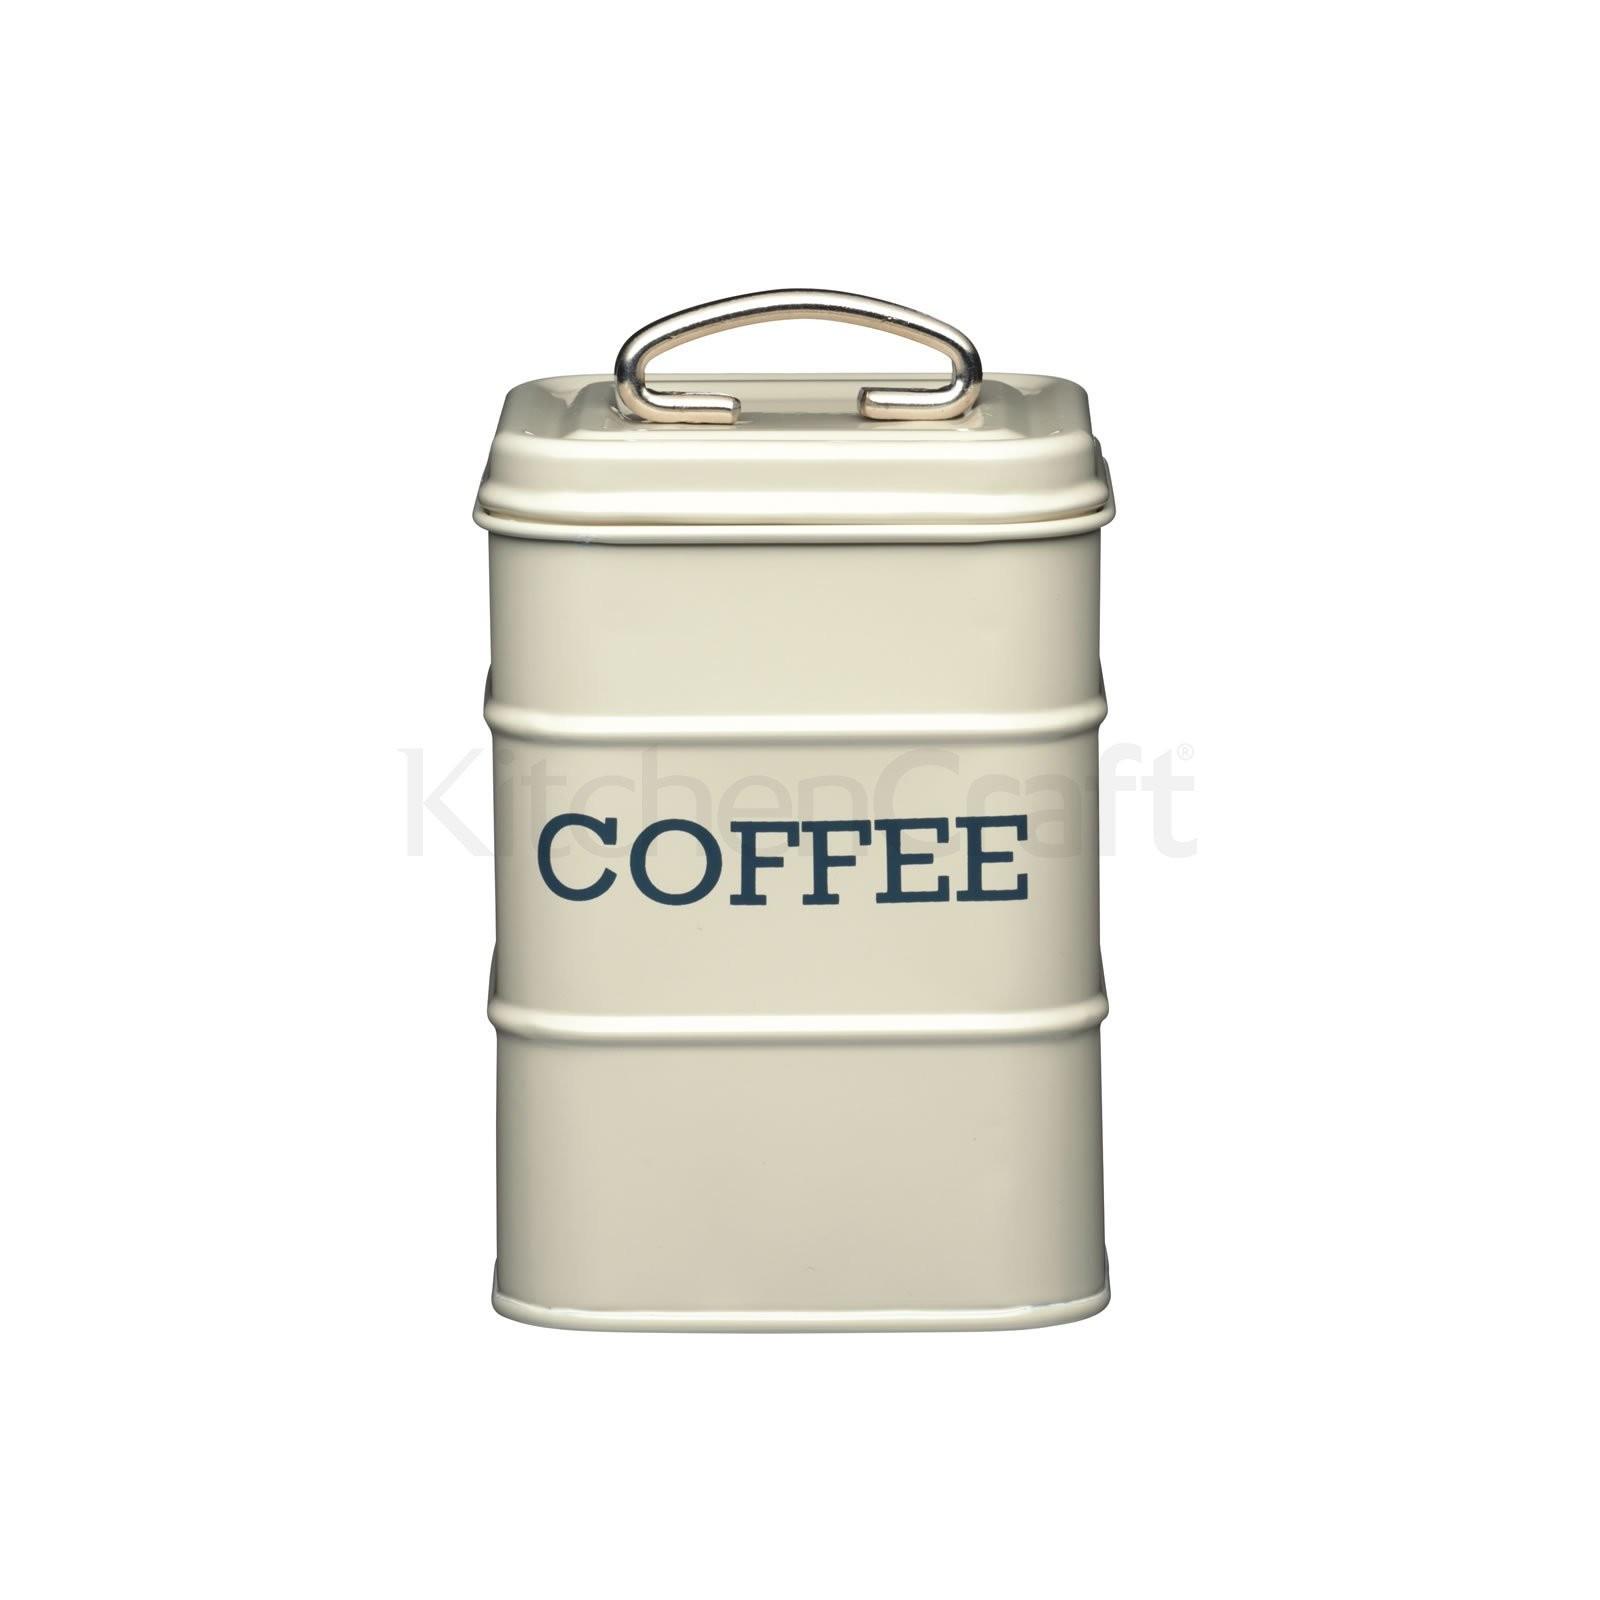 Δοχείο Kitchencraft Μεταλλικό coffe Living Nostalgia home   ειδη cafe τσαϊ   δοχεία καφε   ζάχαρης